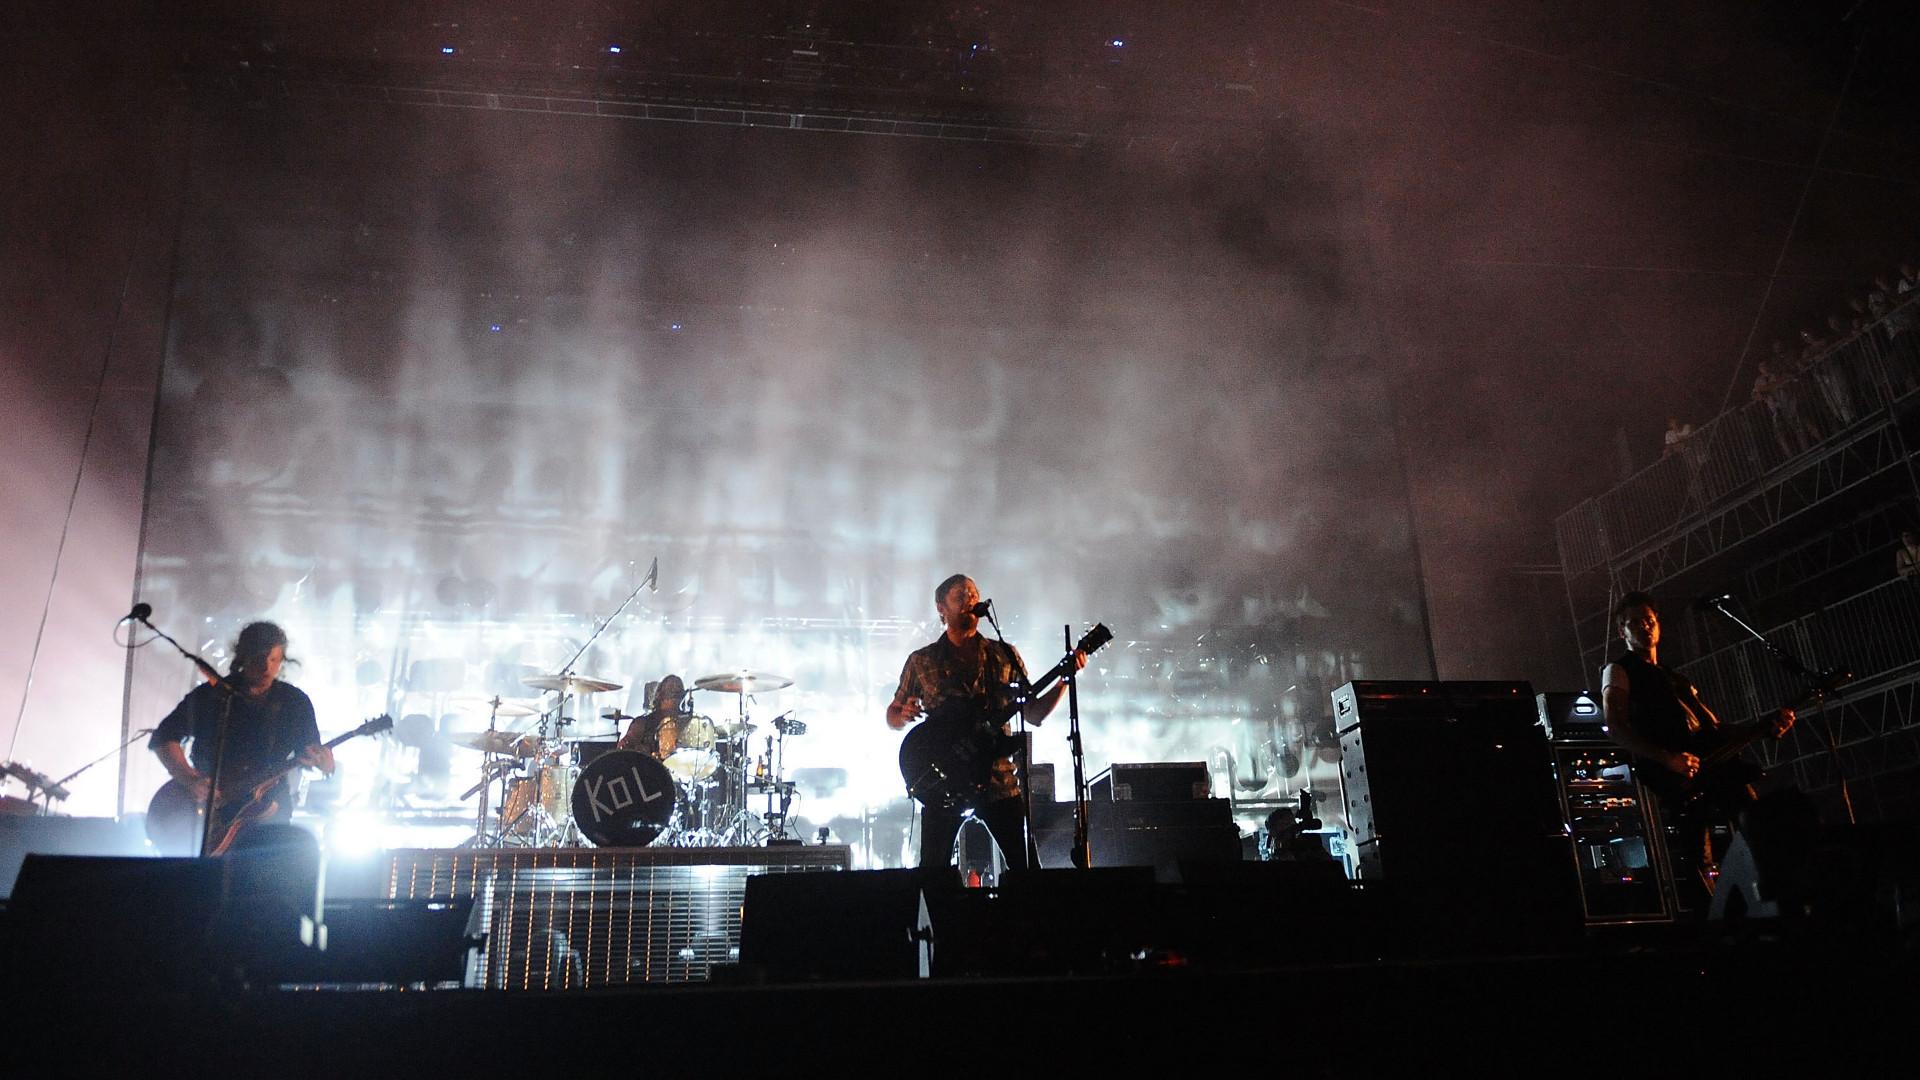 🎸 Grupa Kings of Leon vypustyť peršyj v istoriї muzyčnyj aľbom jak NFT